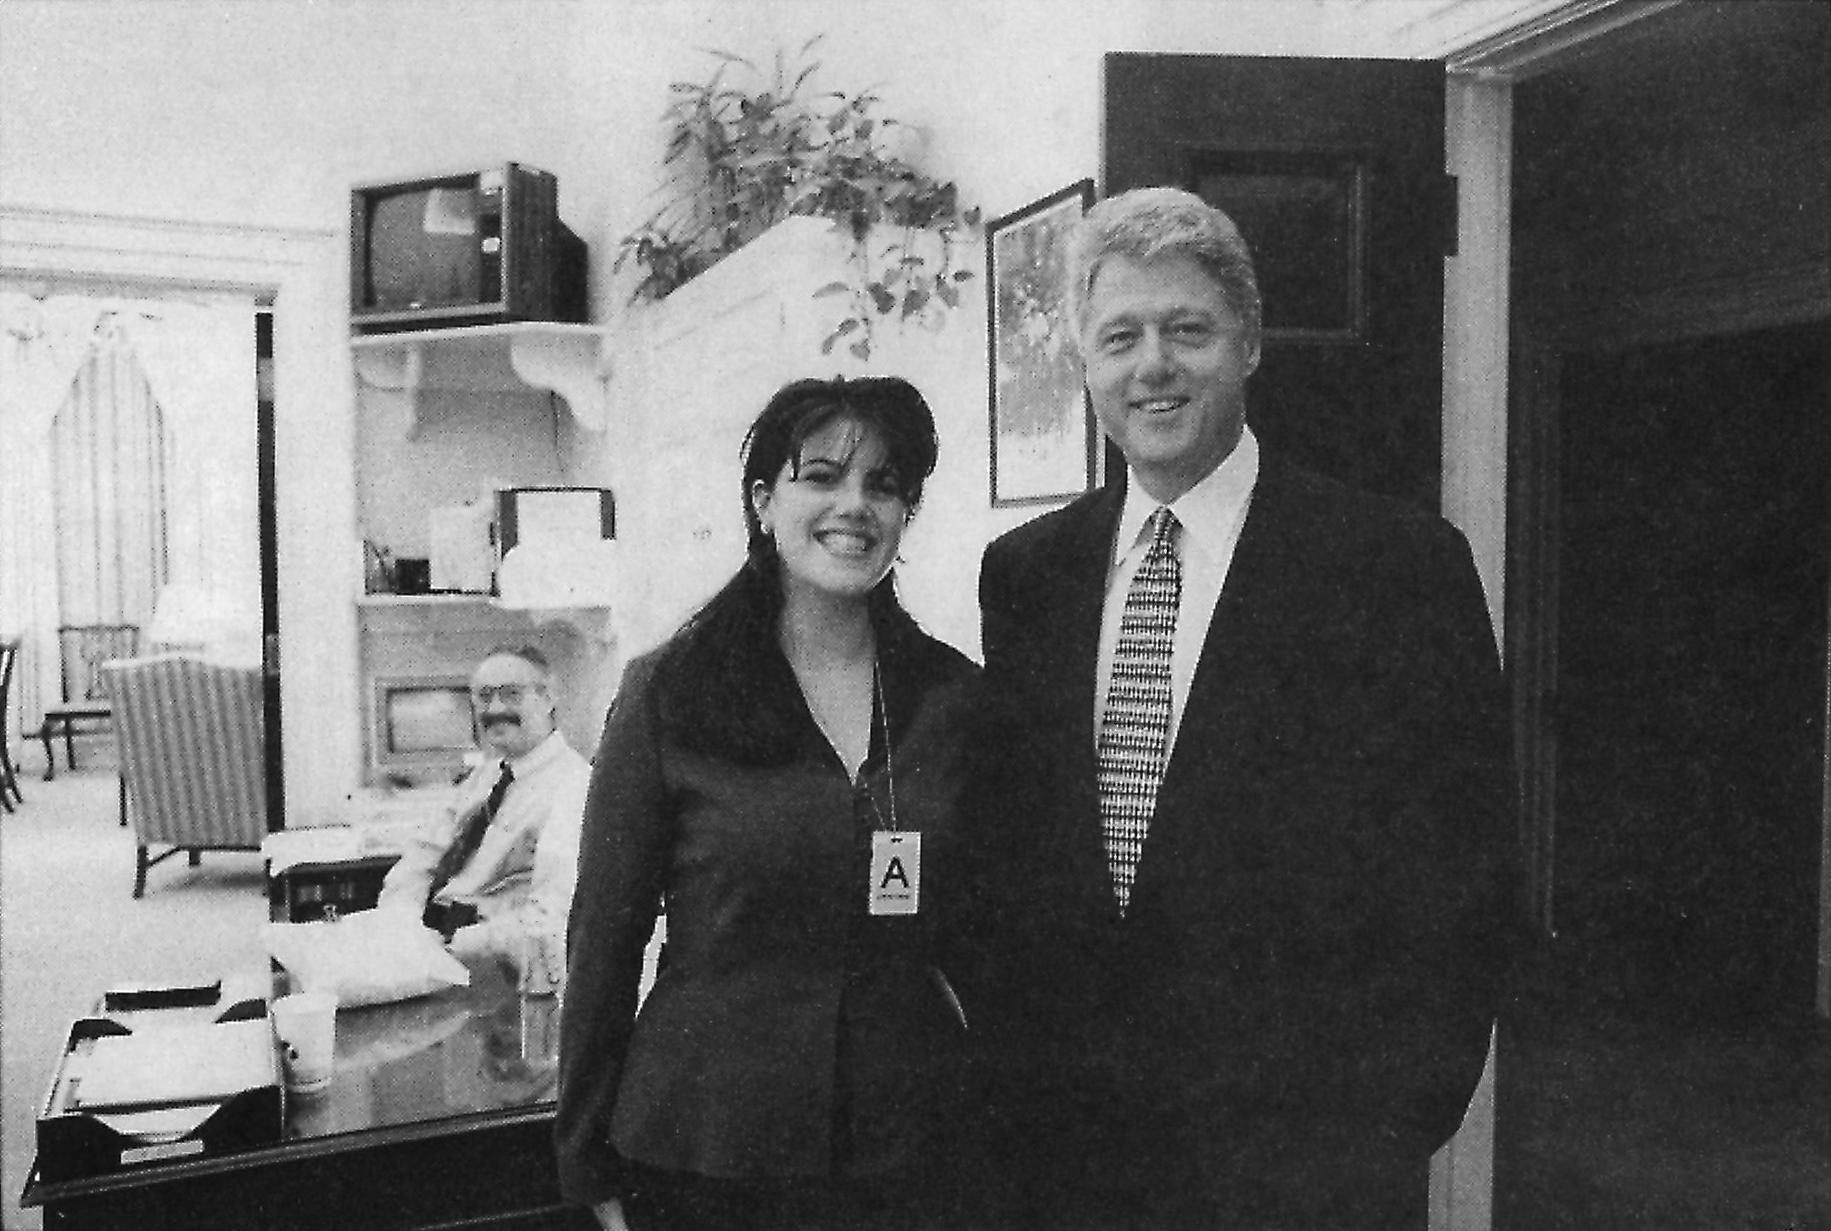 STOR ÅPENHET: Etterforskningsrapporten rundt affæren mellom Bill Clinton og Monica Lewinsky ble gjort offentlig for hele verden i 1998.